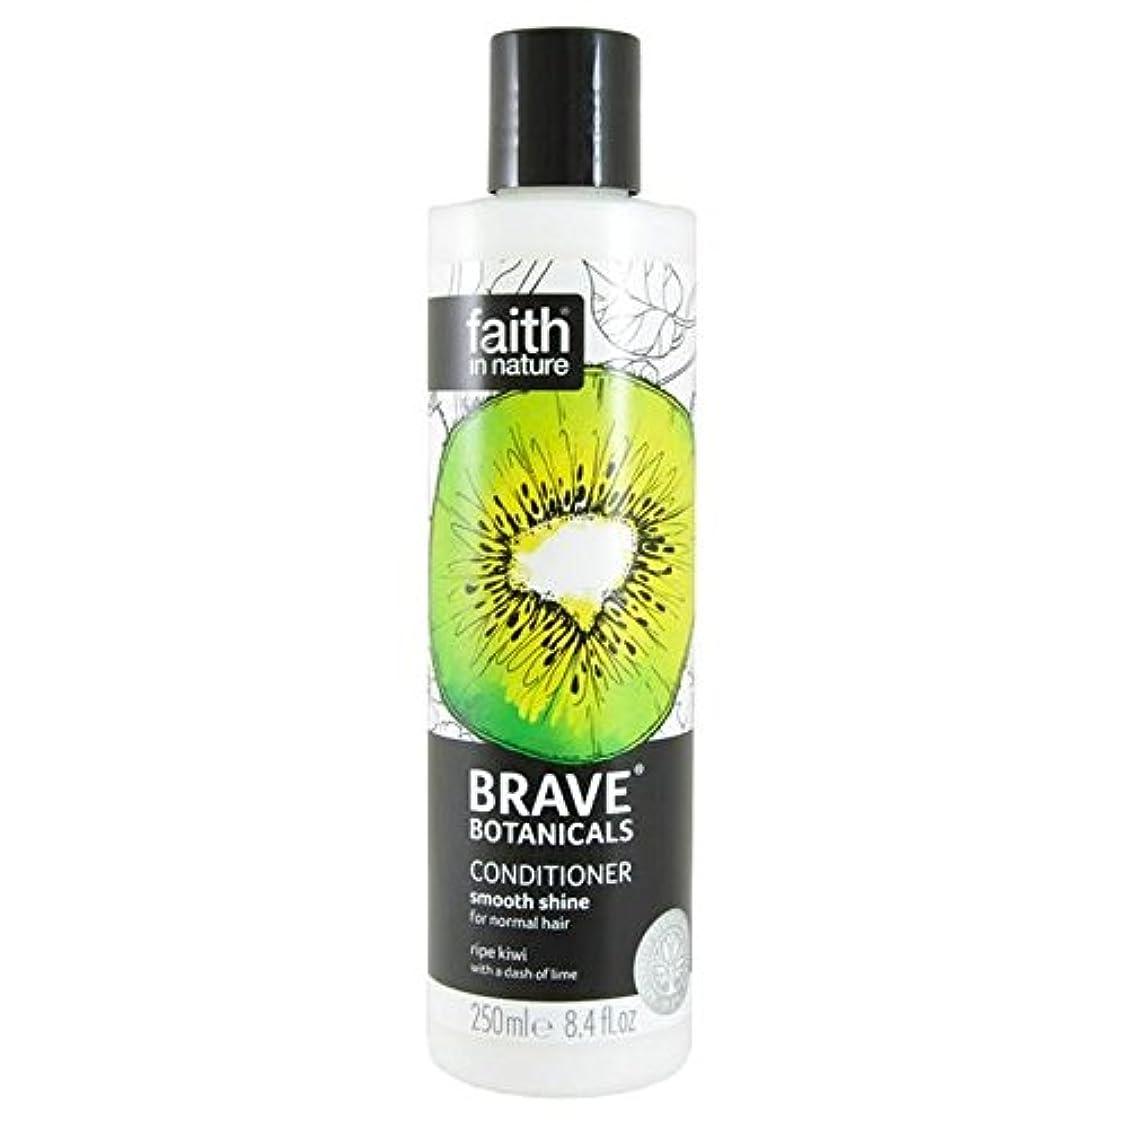 設置偏見災難Brave Botanicals Kiwi & Lime Smooth Shine Conditioner 250ml (Pack of 2) - (Faith In Nature) 勇敢な植物キウイ&ライムなめらかな輝...